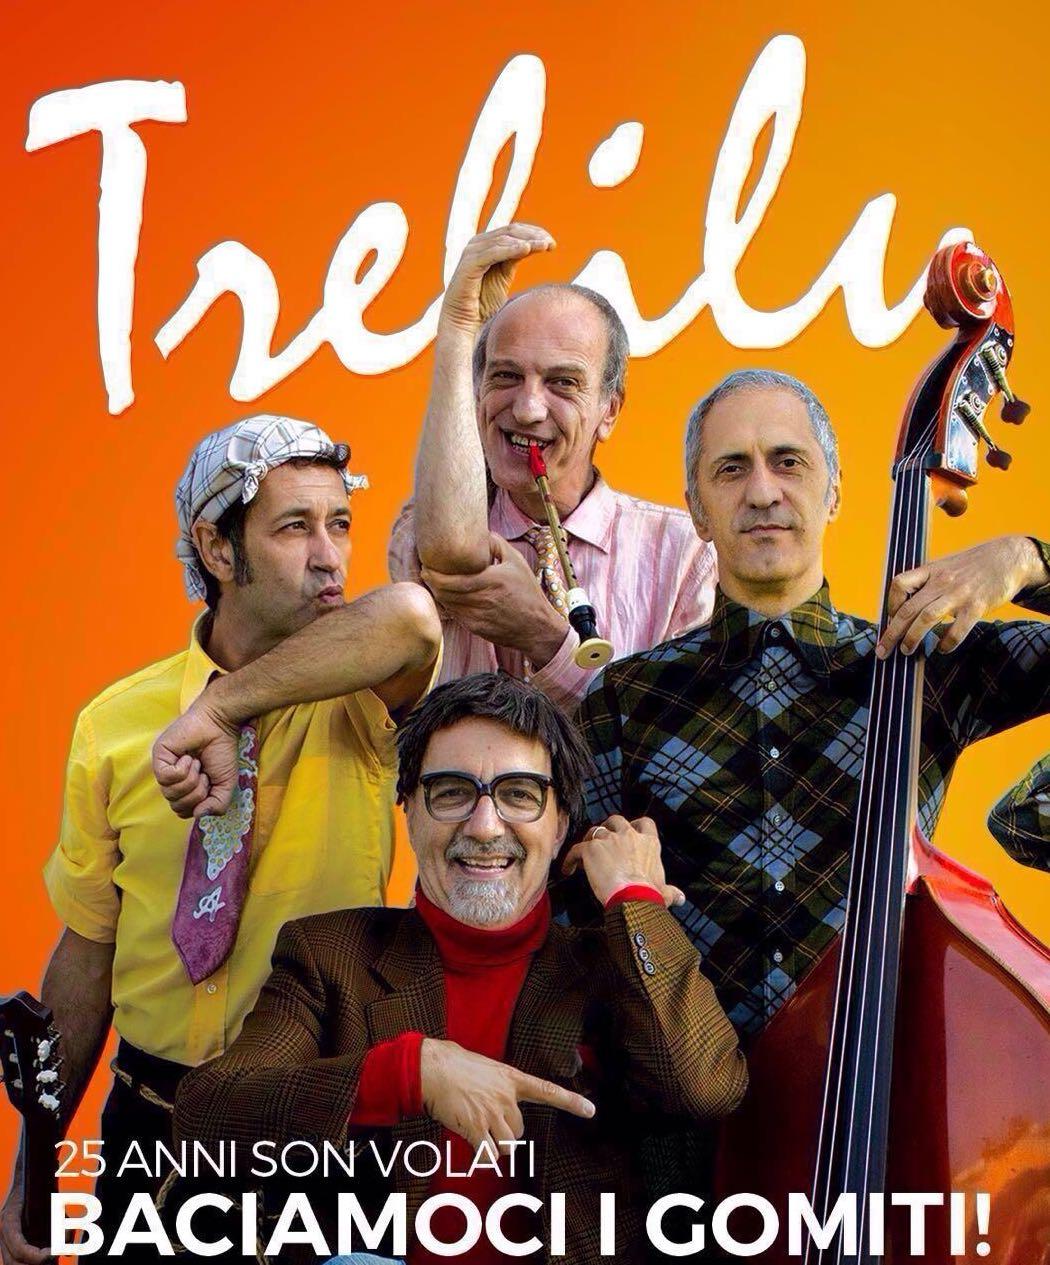 La Guida - Lega Tumori, spettacolo con i Trelilu al Toselli